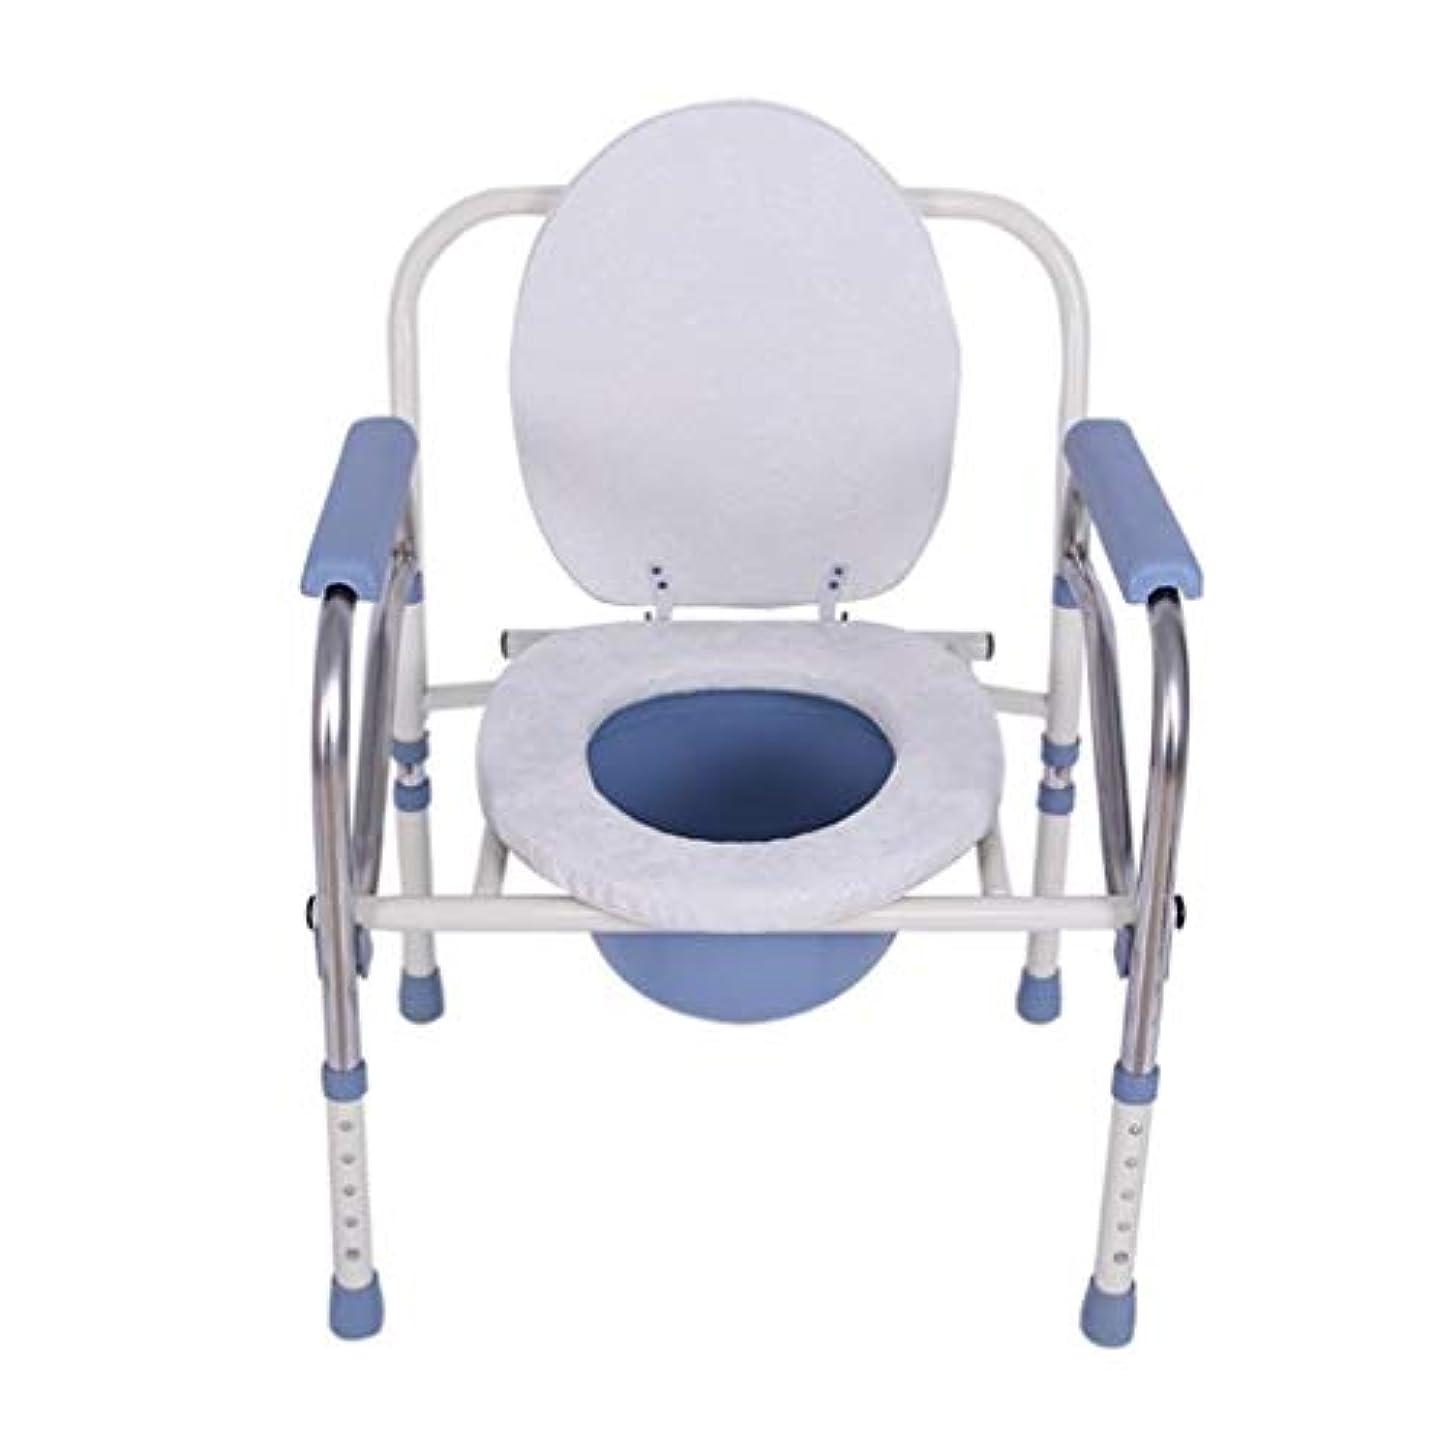 周波数証書モンキー折りたたみ式ベッドサイドside椅子-ステンレススチール製トイレ付き便器バケツ付き高さ調節可能な妊婦用トイレスツール